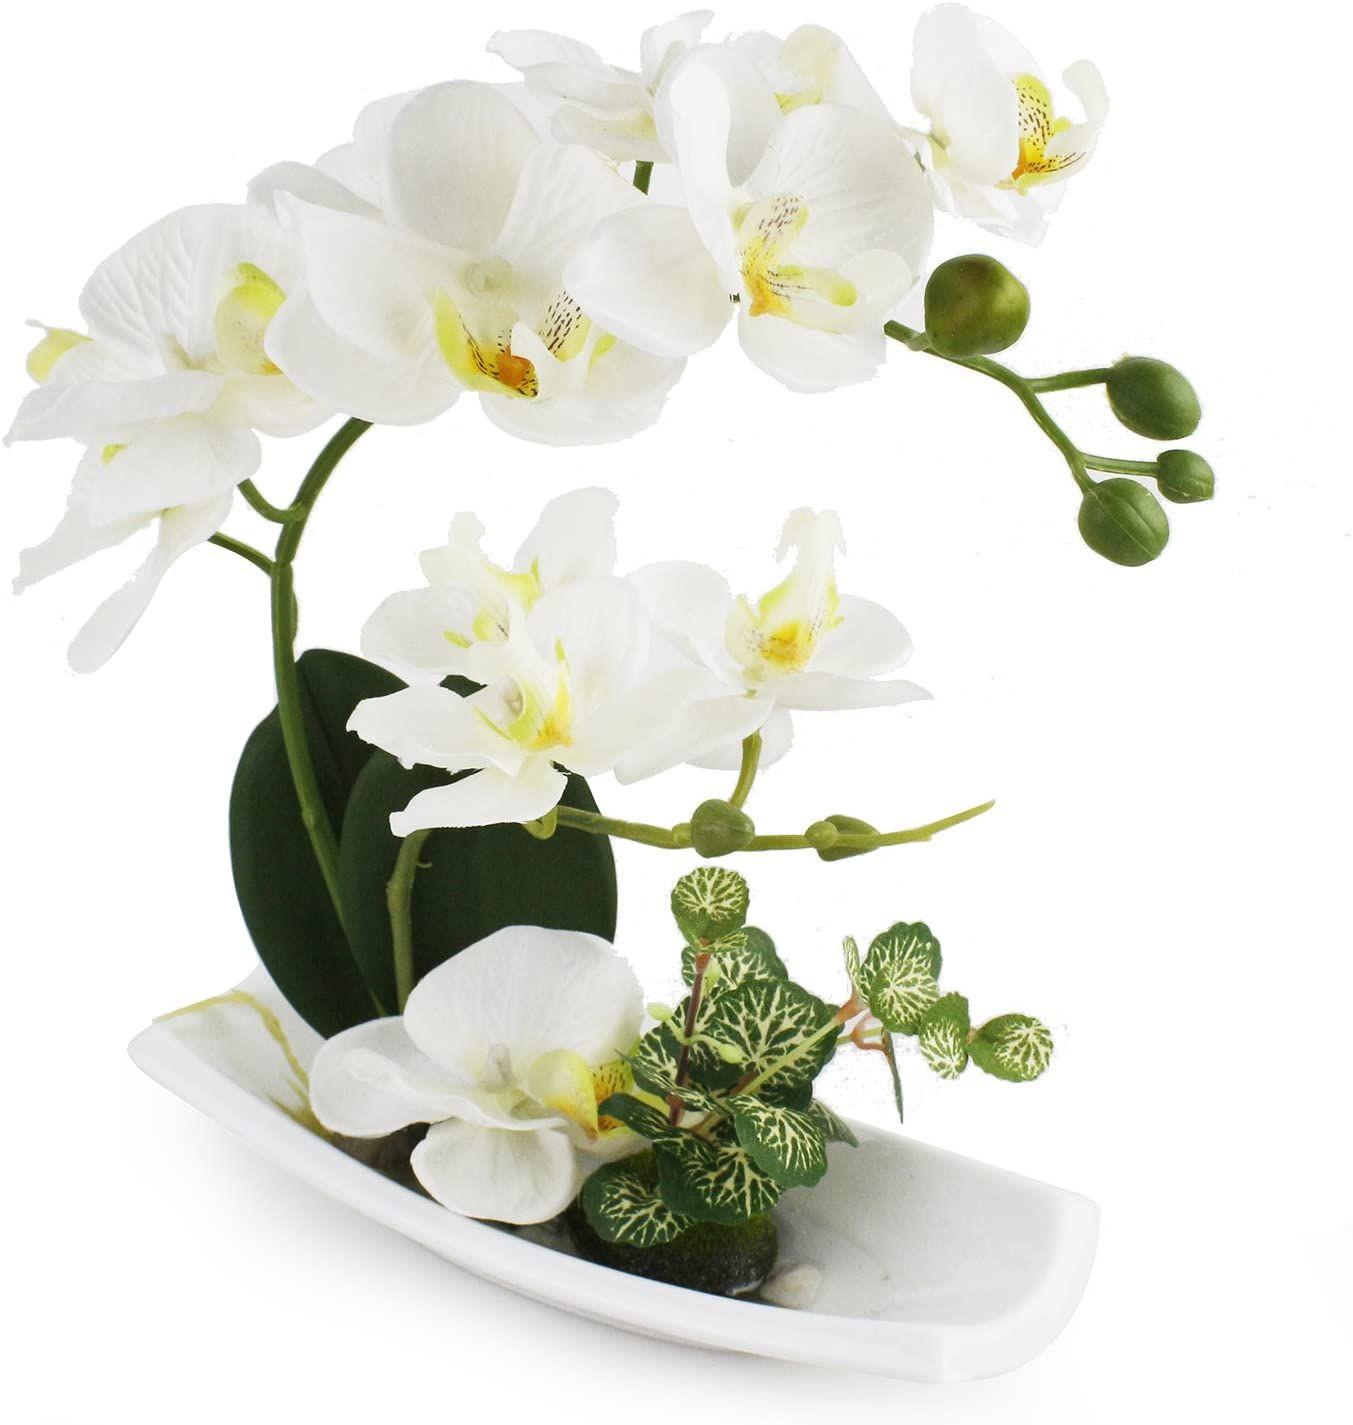 LIVILAN Artificial Orchids Arrangements for Decoration